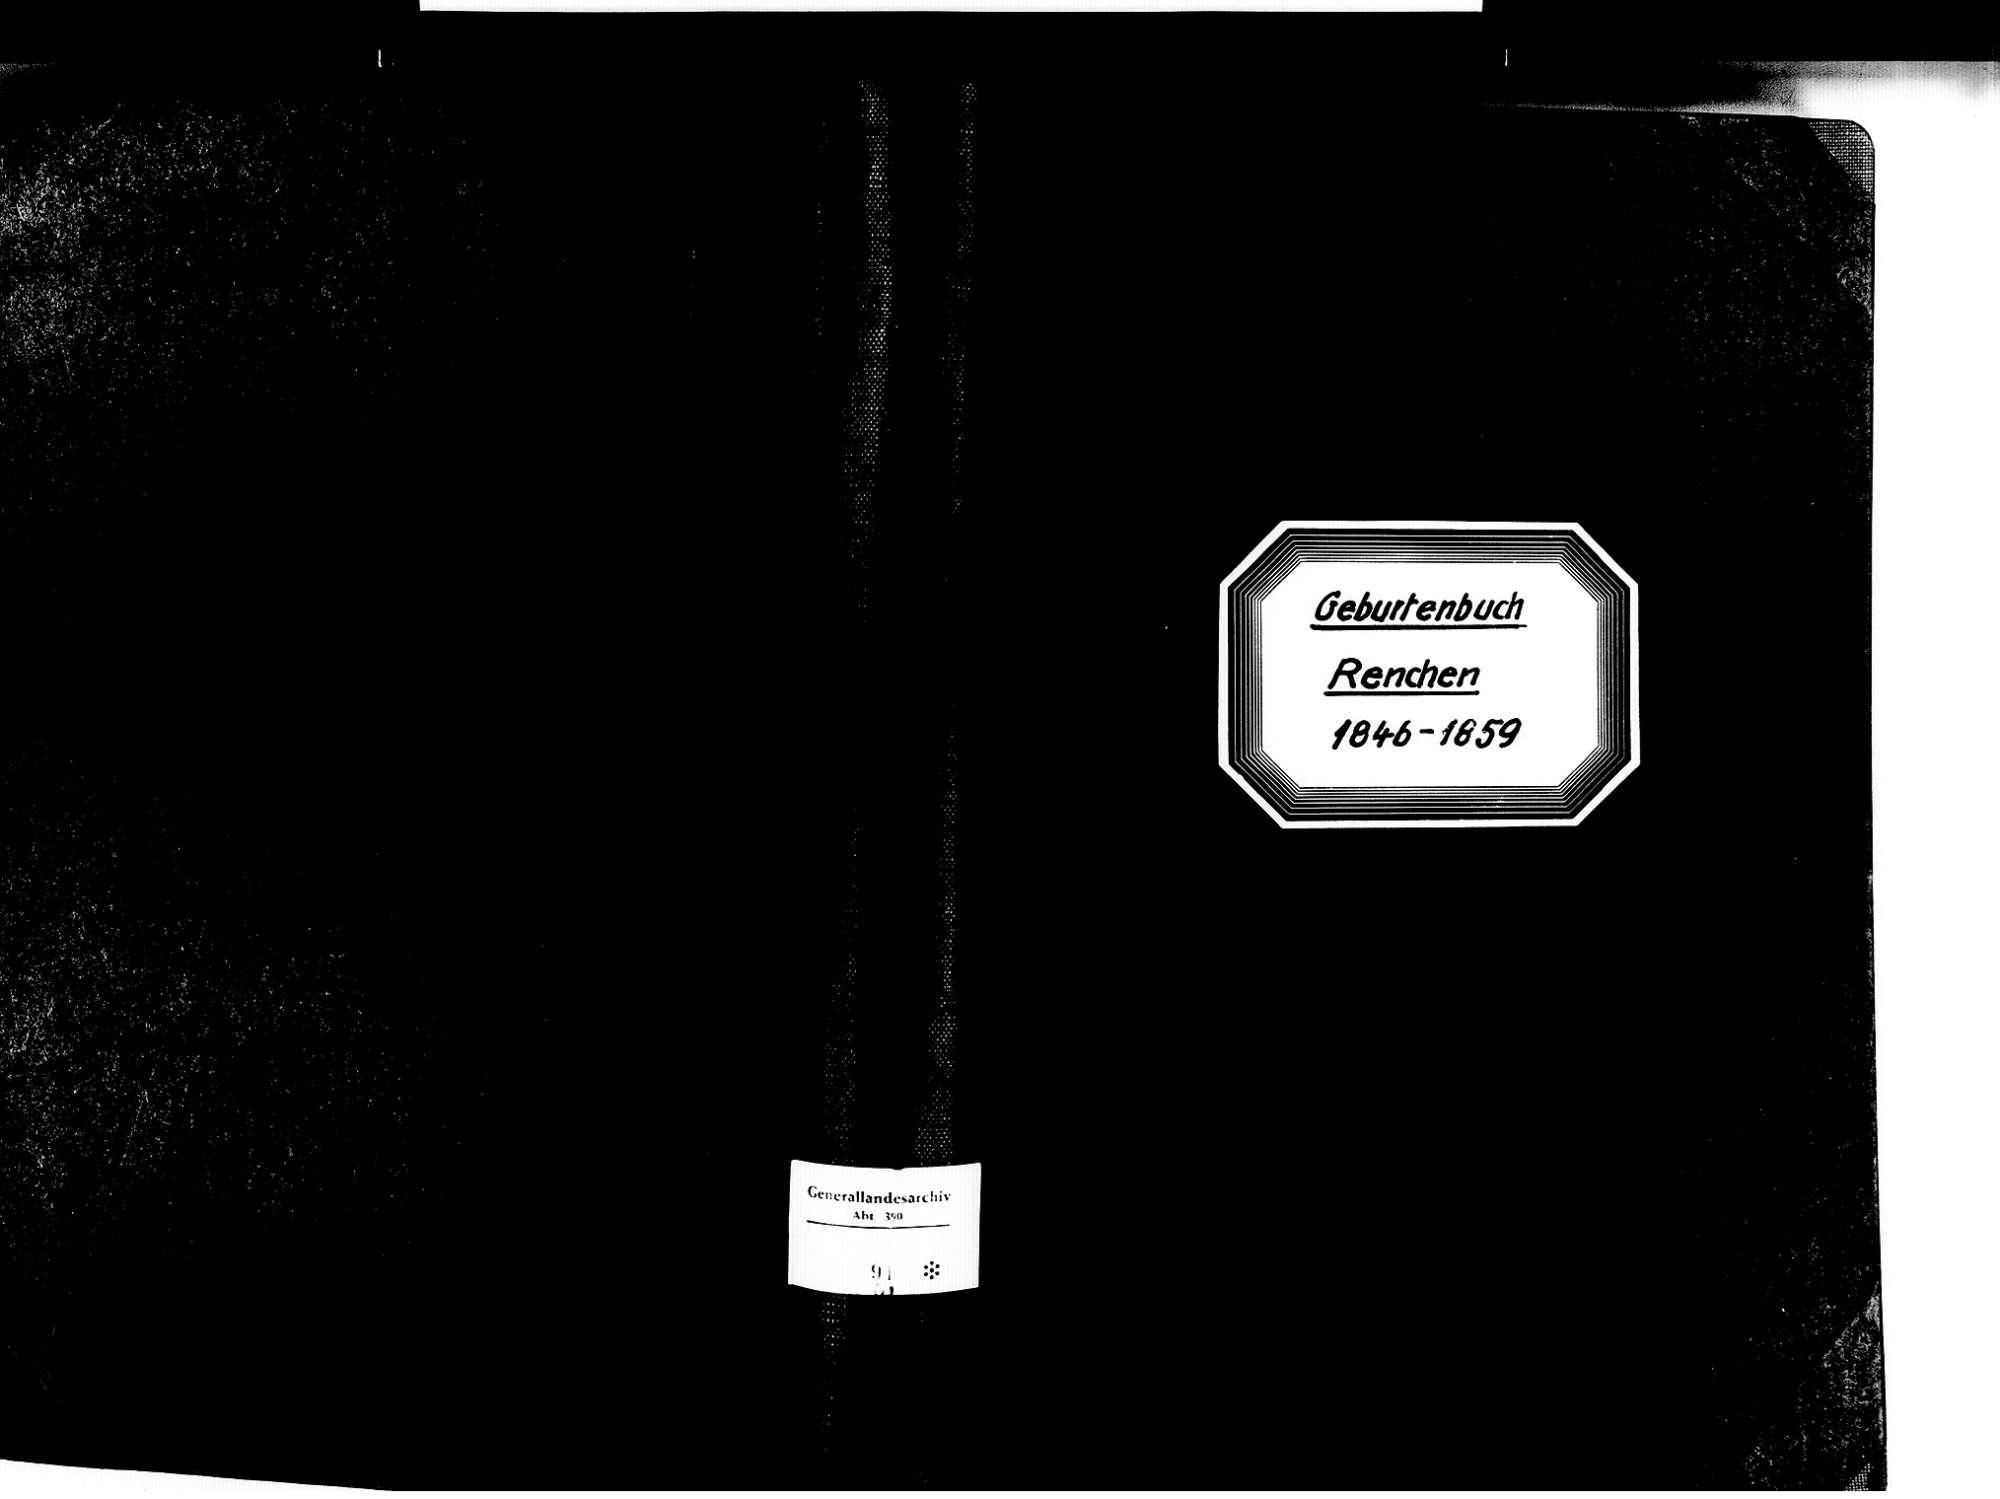 Renchen OG; Katholische Gemeinde: Geburtenbuch 1846-1859, Bild 1